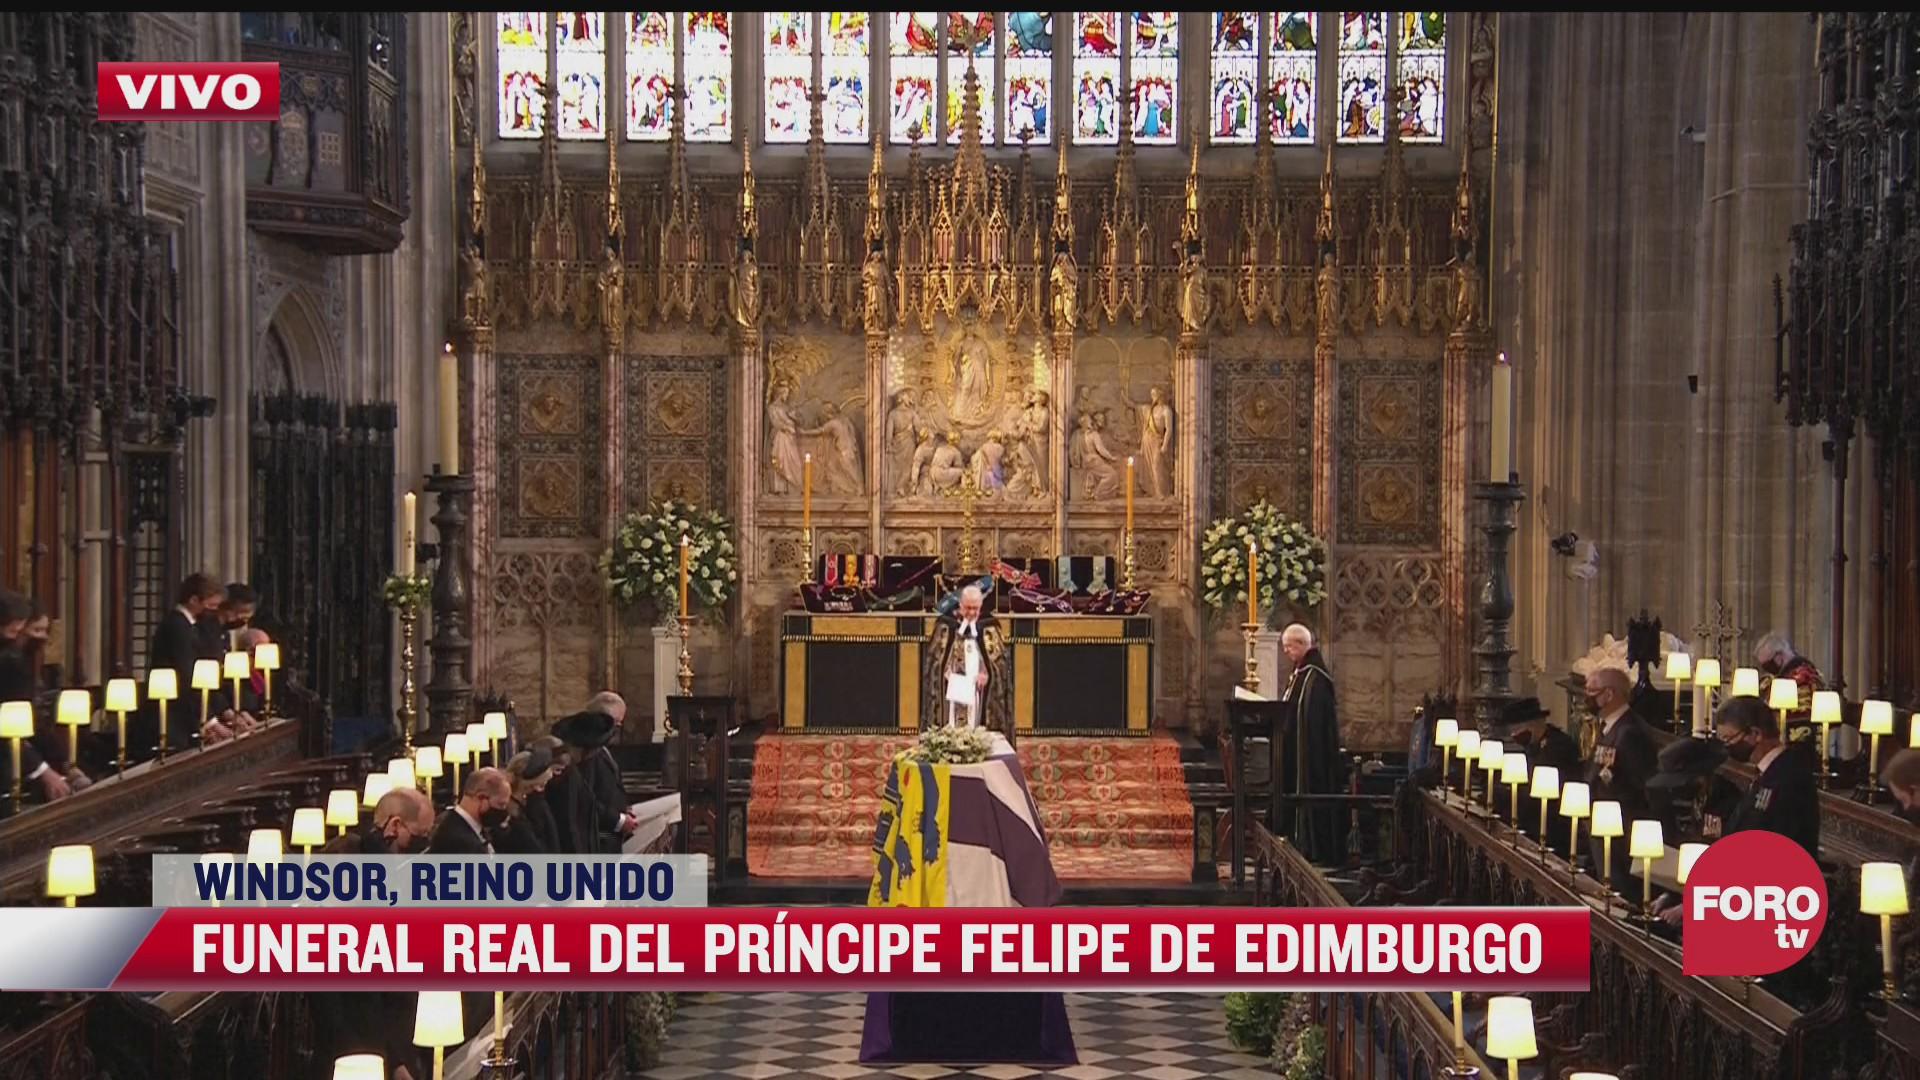 ceremonia religiosa del funeral del principe felipe